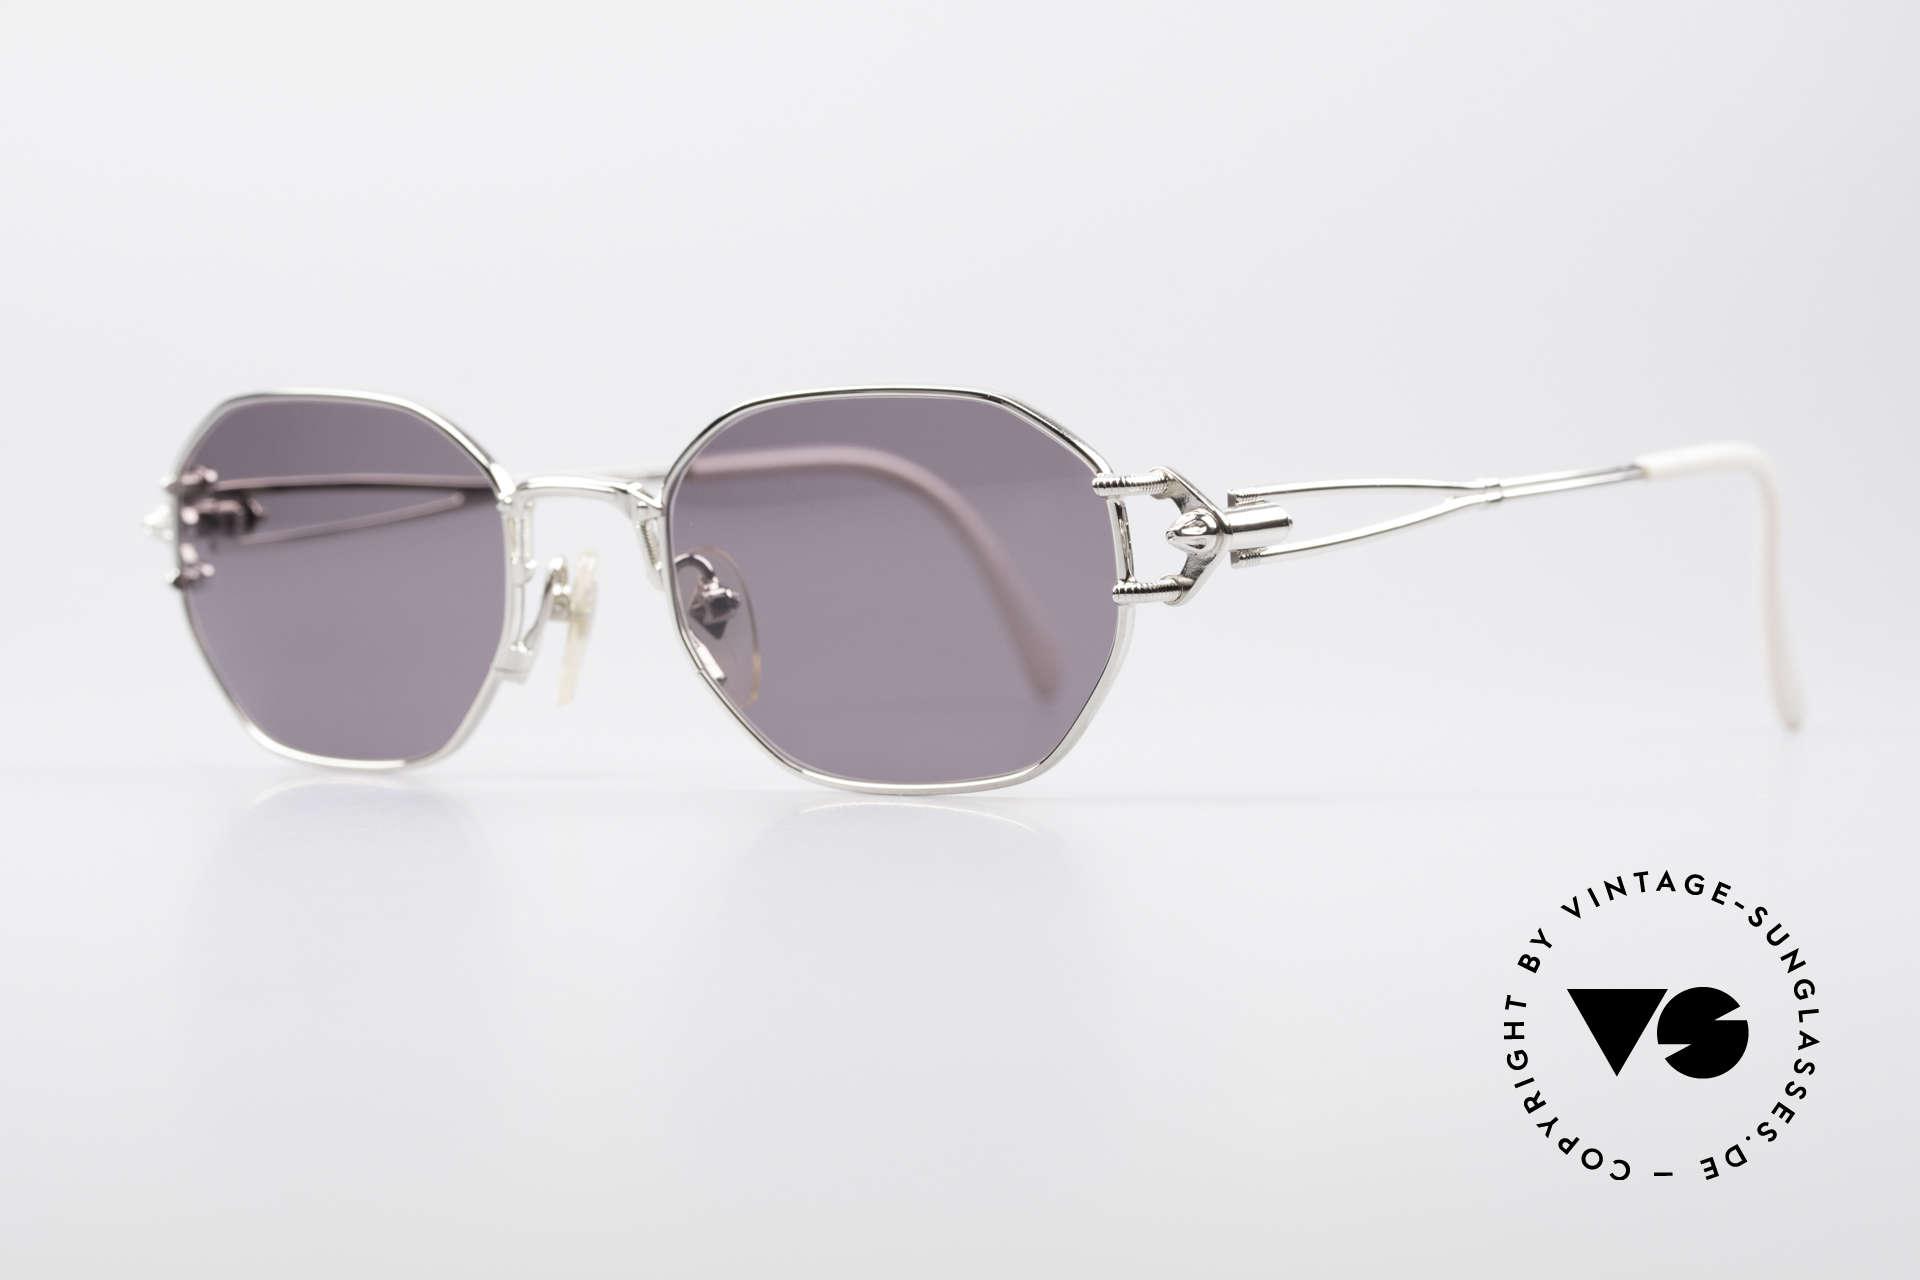 Jean Paul Gaultier 55-6106 90er Vintage Sonnenbrille, technische / mechanische Komponenten (typisch J.P.G), Passend für Herren und Damen